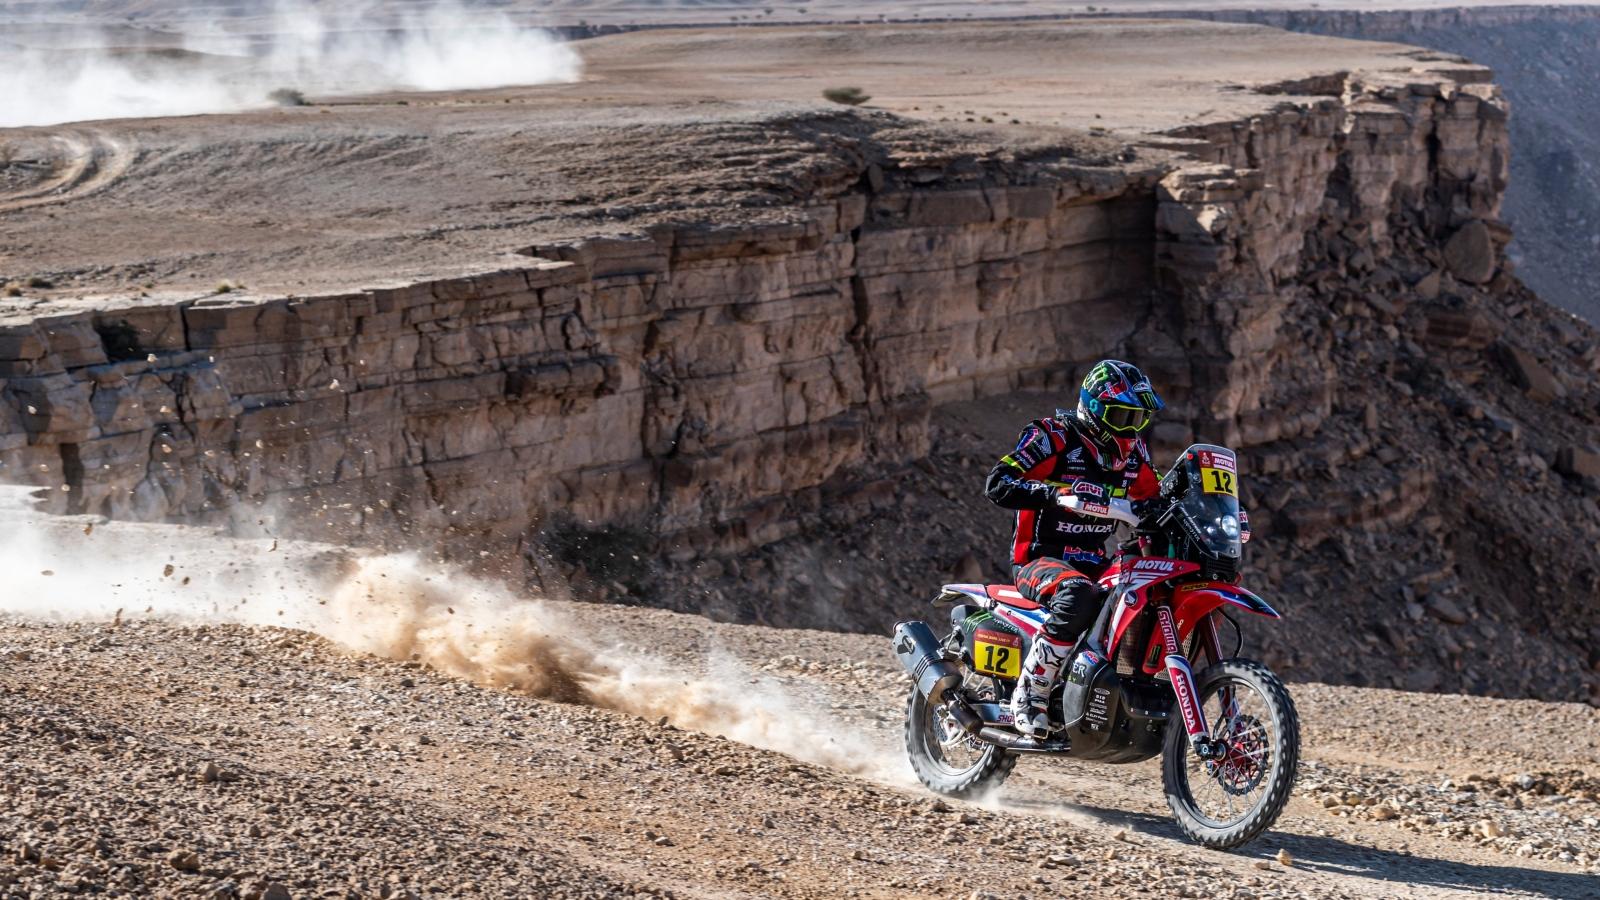 Dakar 2020: Joan Barreda gana y se mete en posición de podio con Ricky Brabec más líder